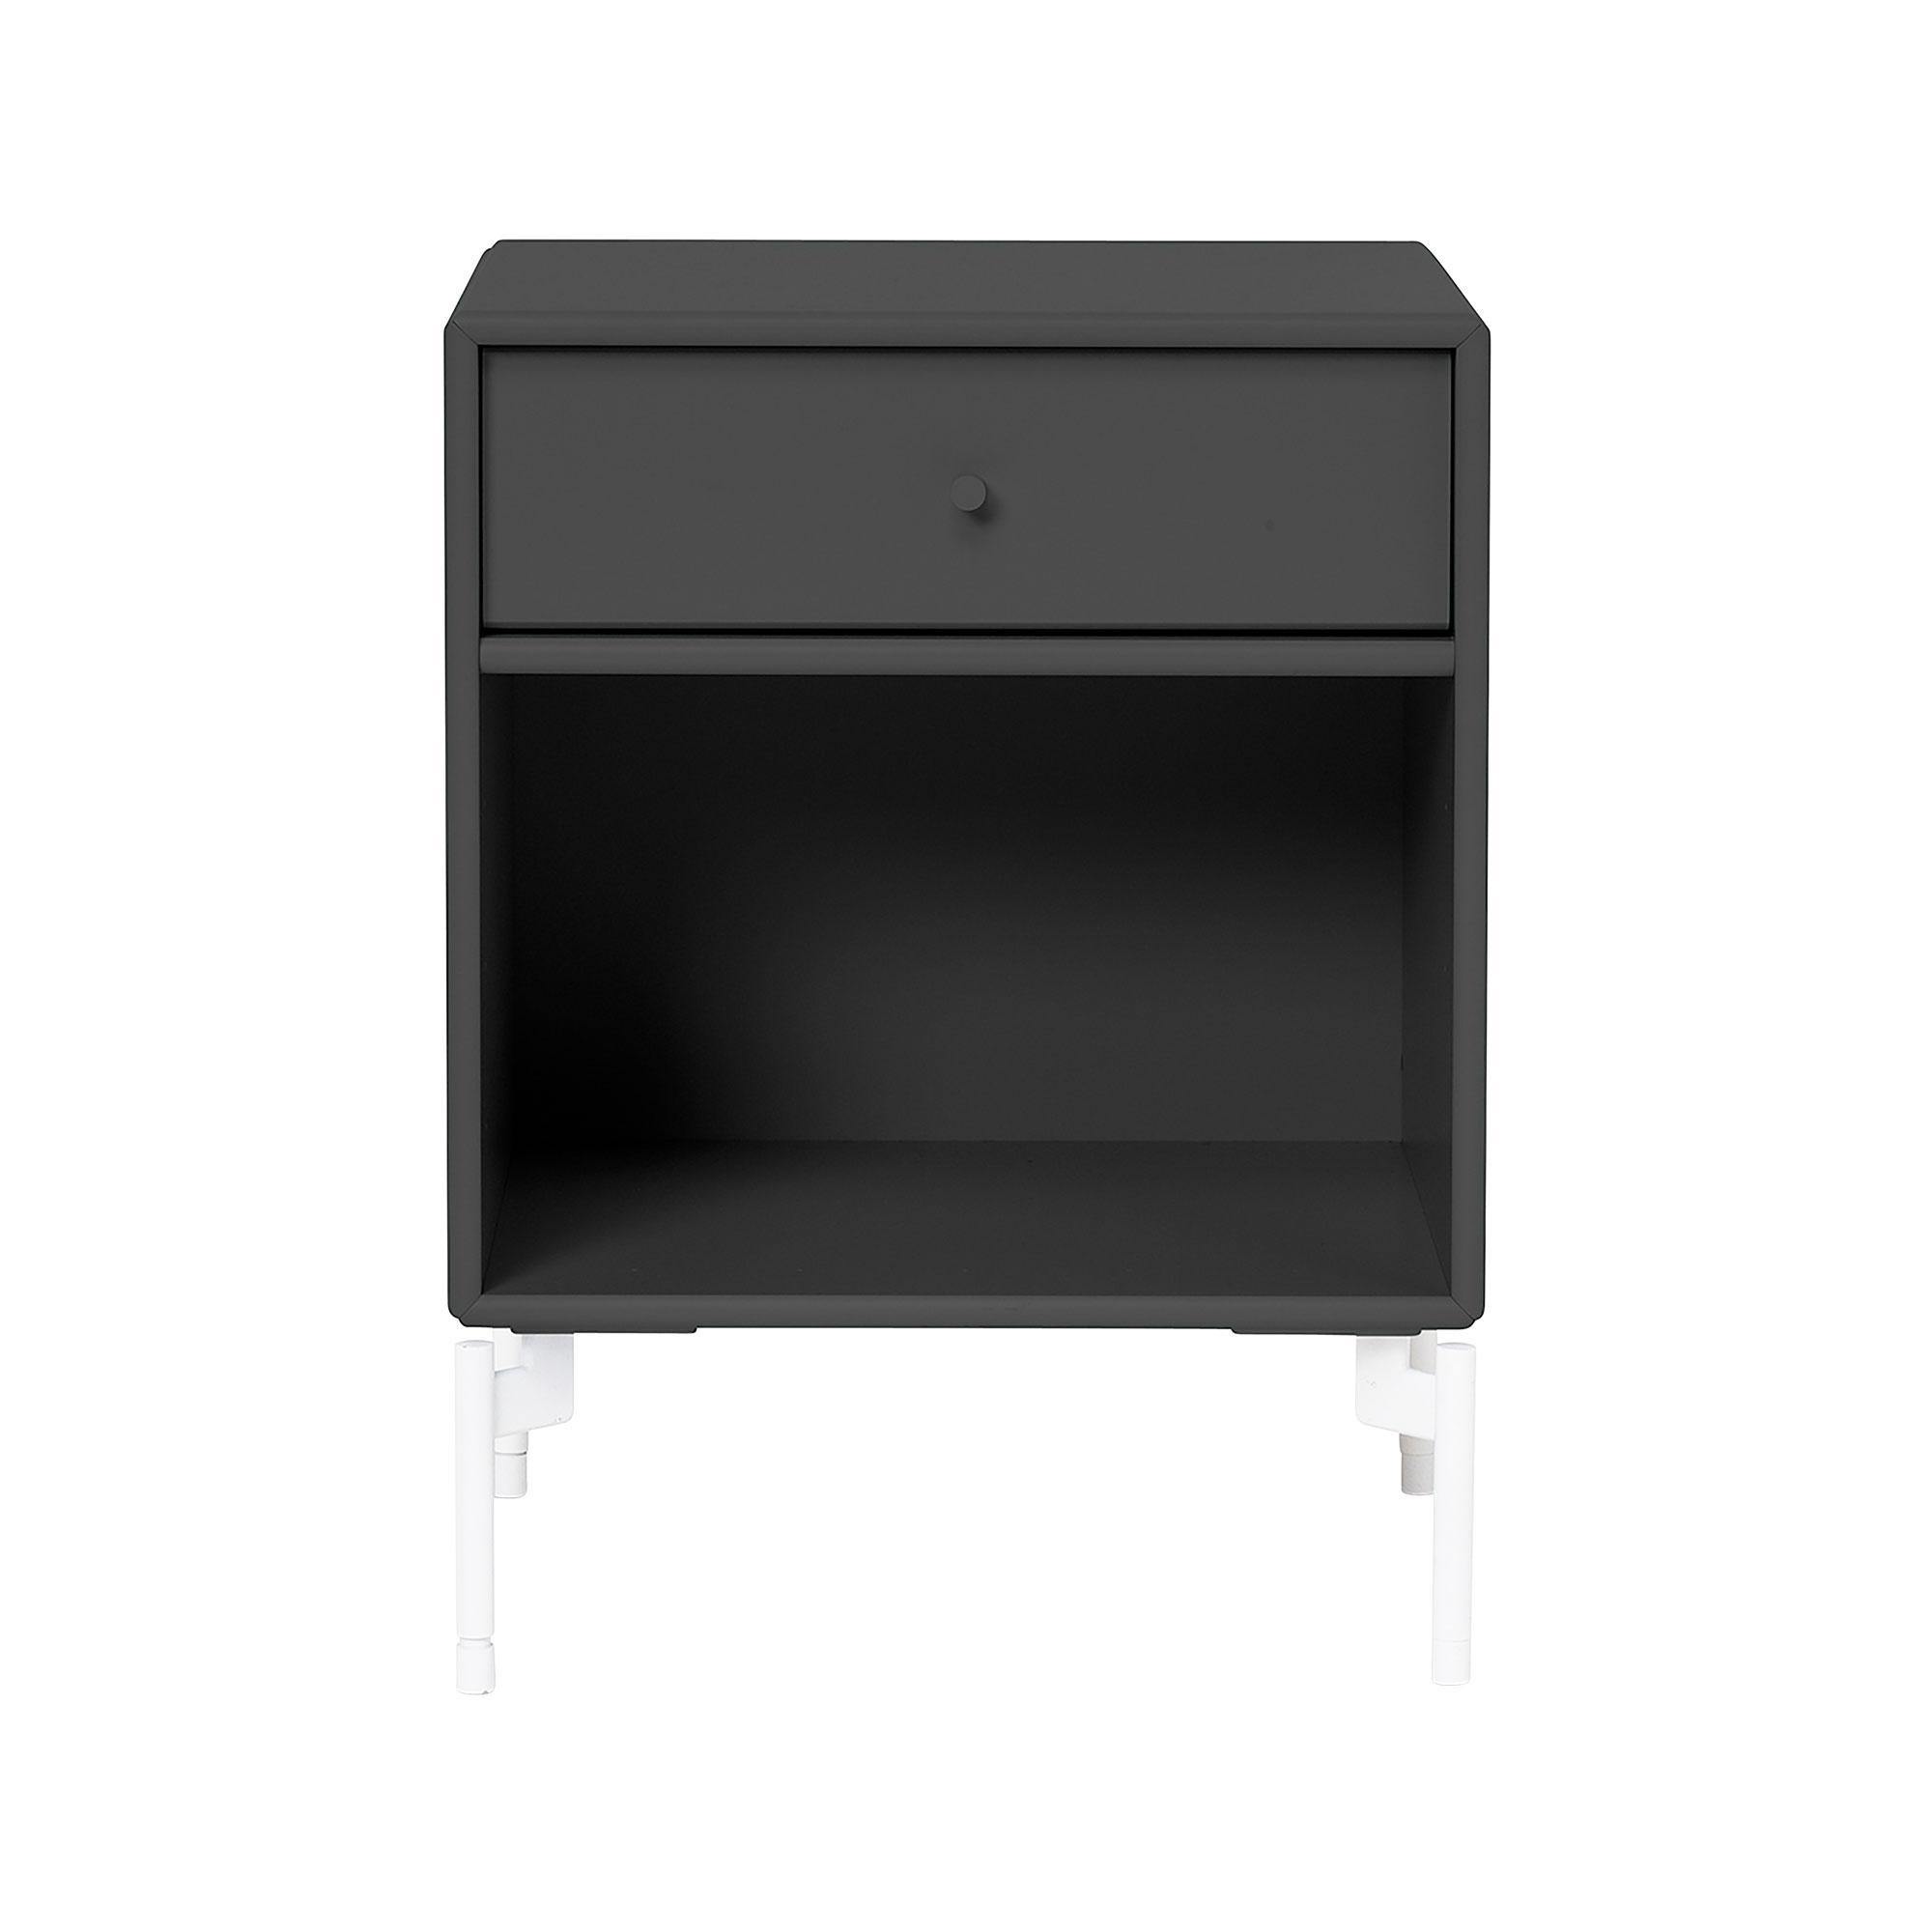 Montana - Dream Nachttisch mit Schublade H: 48cm - anthrazit 04/lackiert/BxHxT 35|4x48x30cm | Schlafzimmer > Nachttische | Anthrazit 04 | Mdf lackiert| zink | Montana